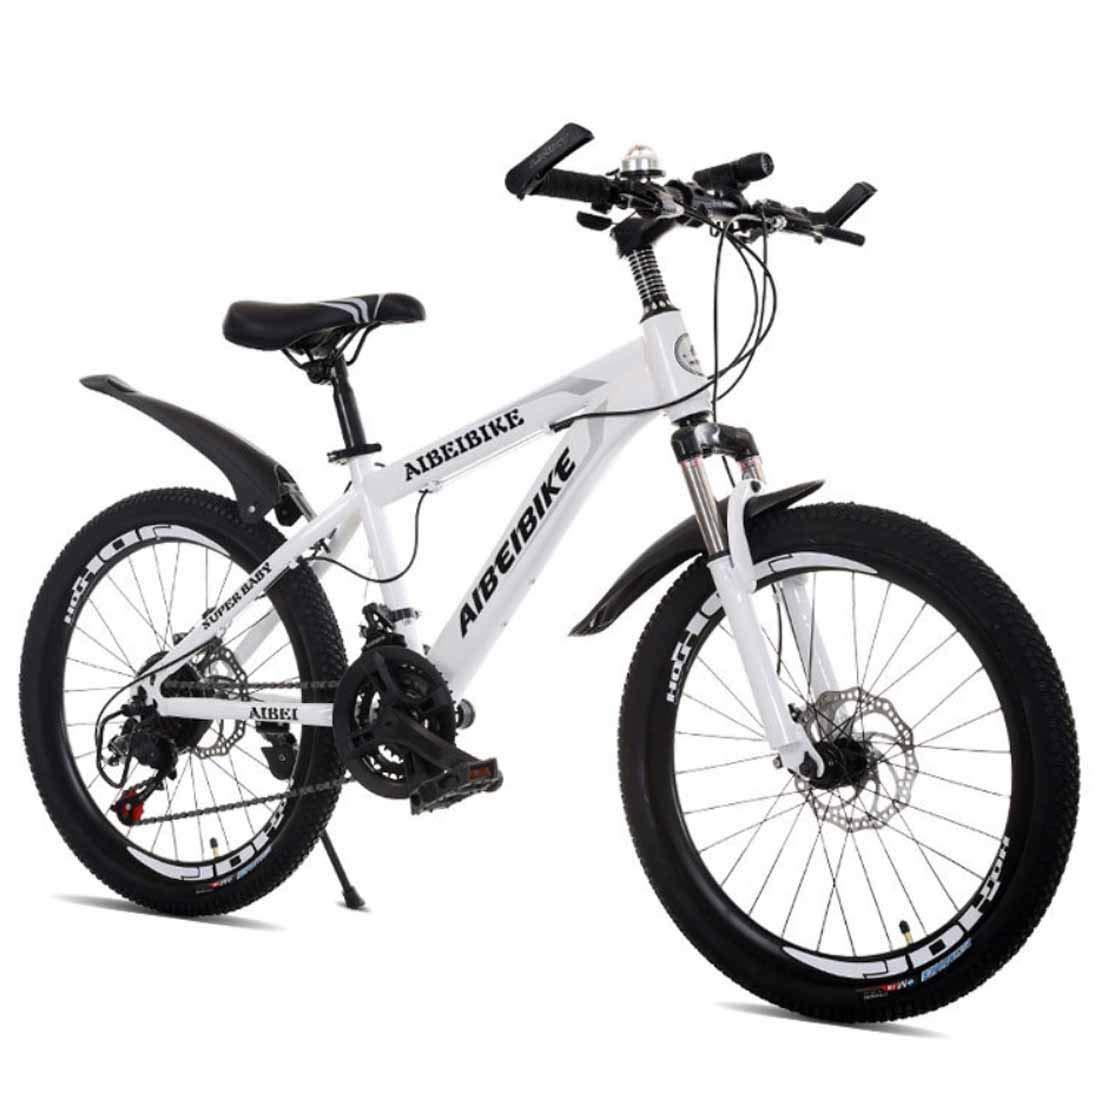 バイク24スピードロードバイクロードバイクロードバイクデュアルディスクブレーキ自転車 白い 26inches